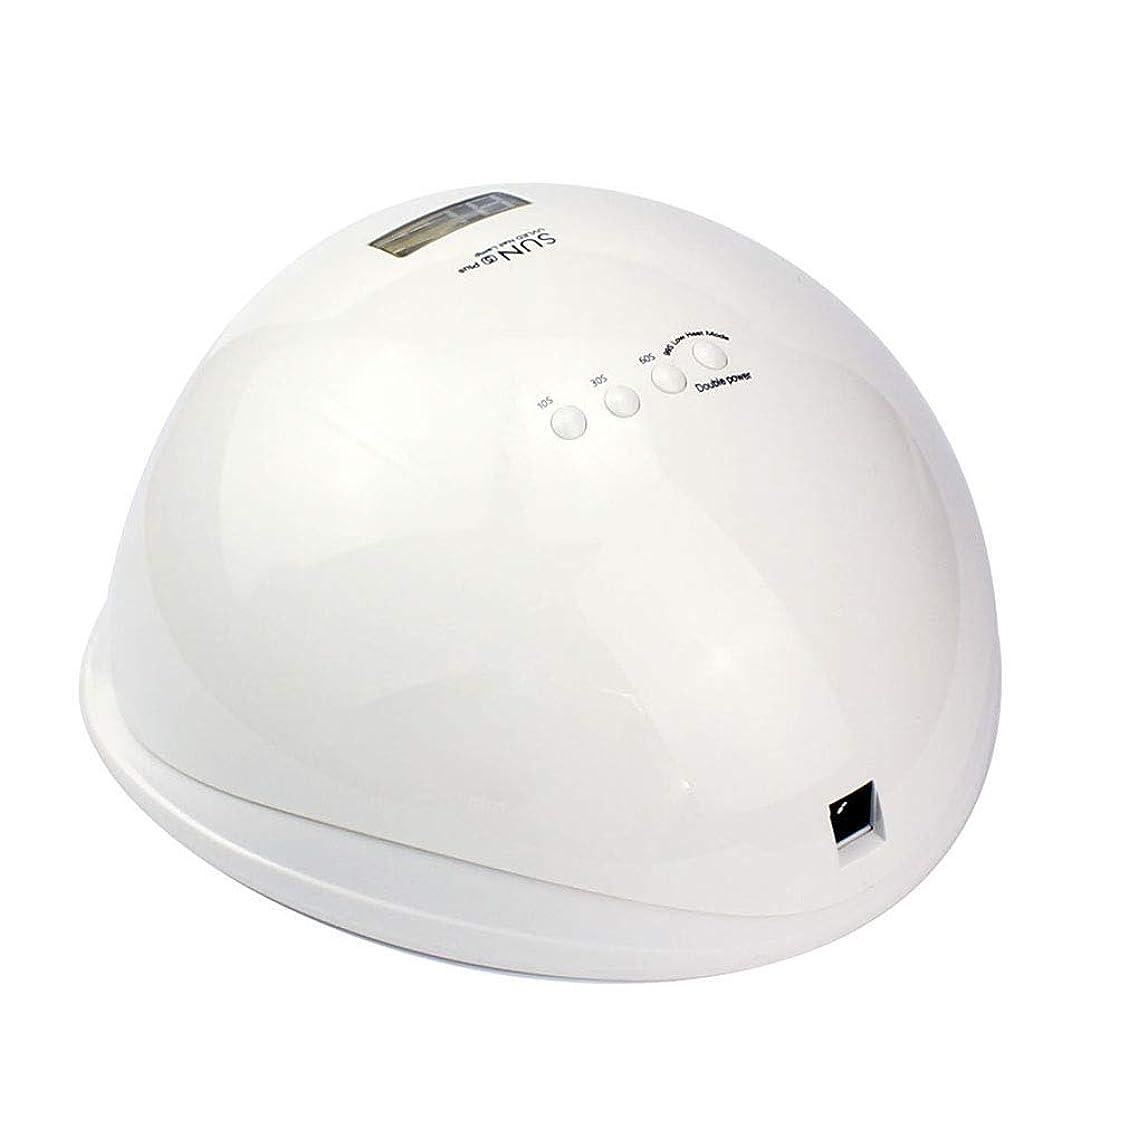 朝の体操をする家アーティキュレーションスマートなランプ機能、30秒/ 60秒の時間設定および99秒の低熱のゲルのマニキュアのシェラックのための48W紫外線LEDランプの釘のドライヤー